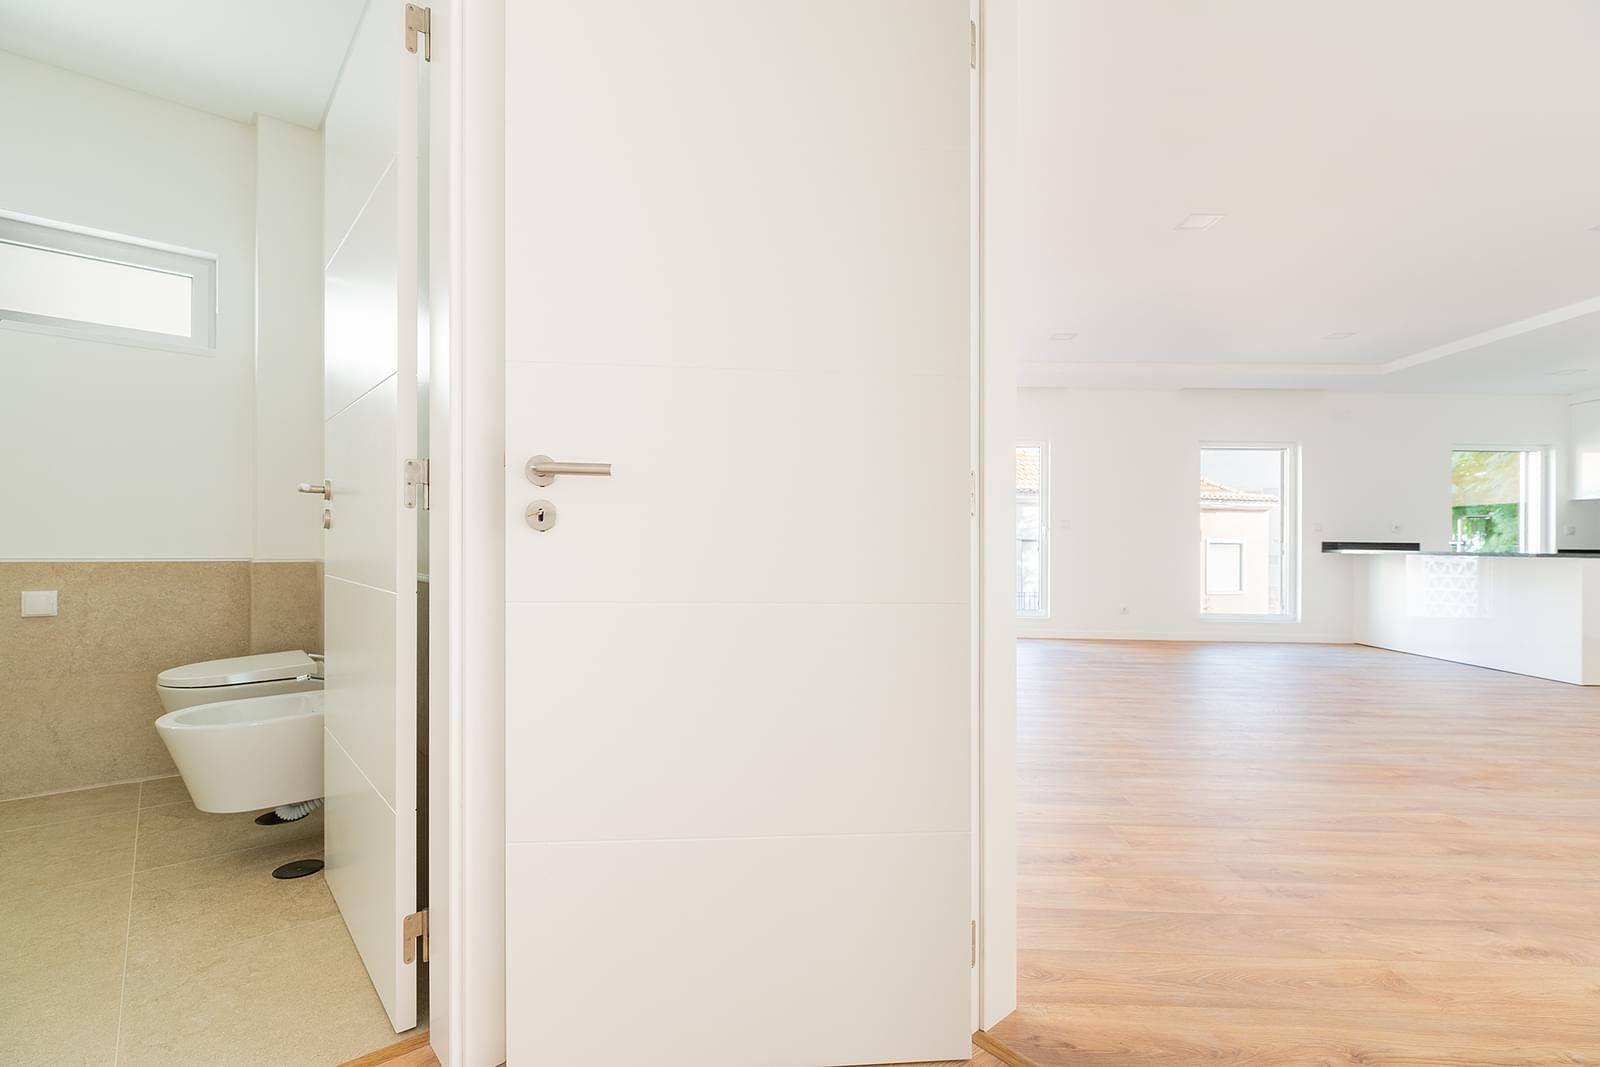 pf16829-apartamento-t1-lisboa-93854086-d551-48f9-b3b6-65dcf1af5f00